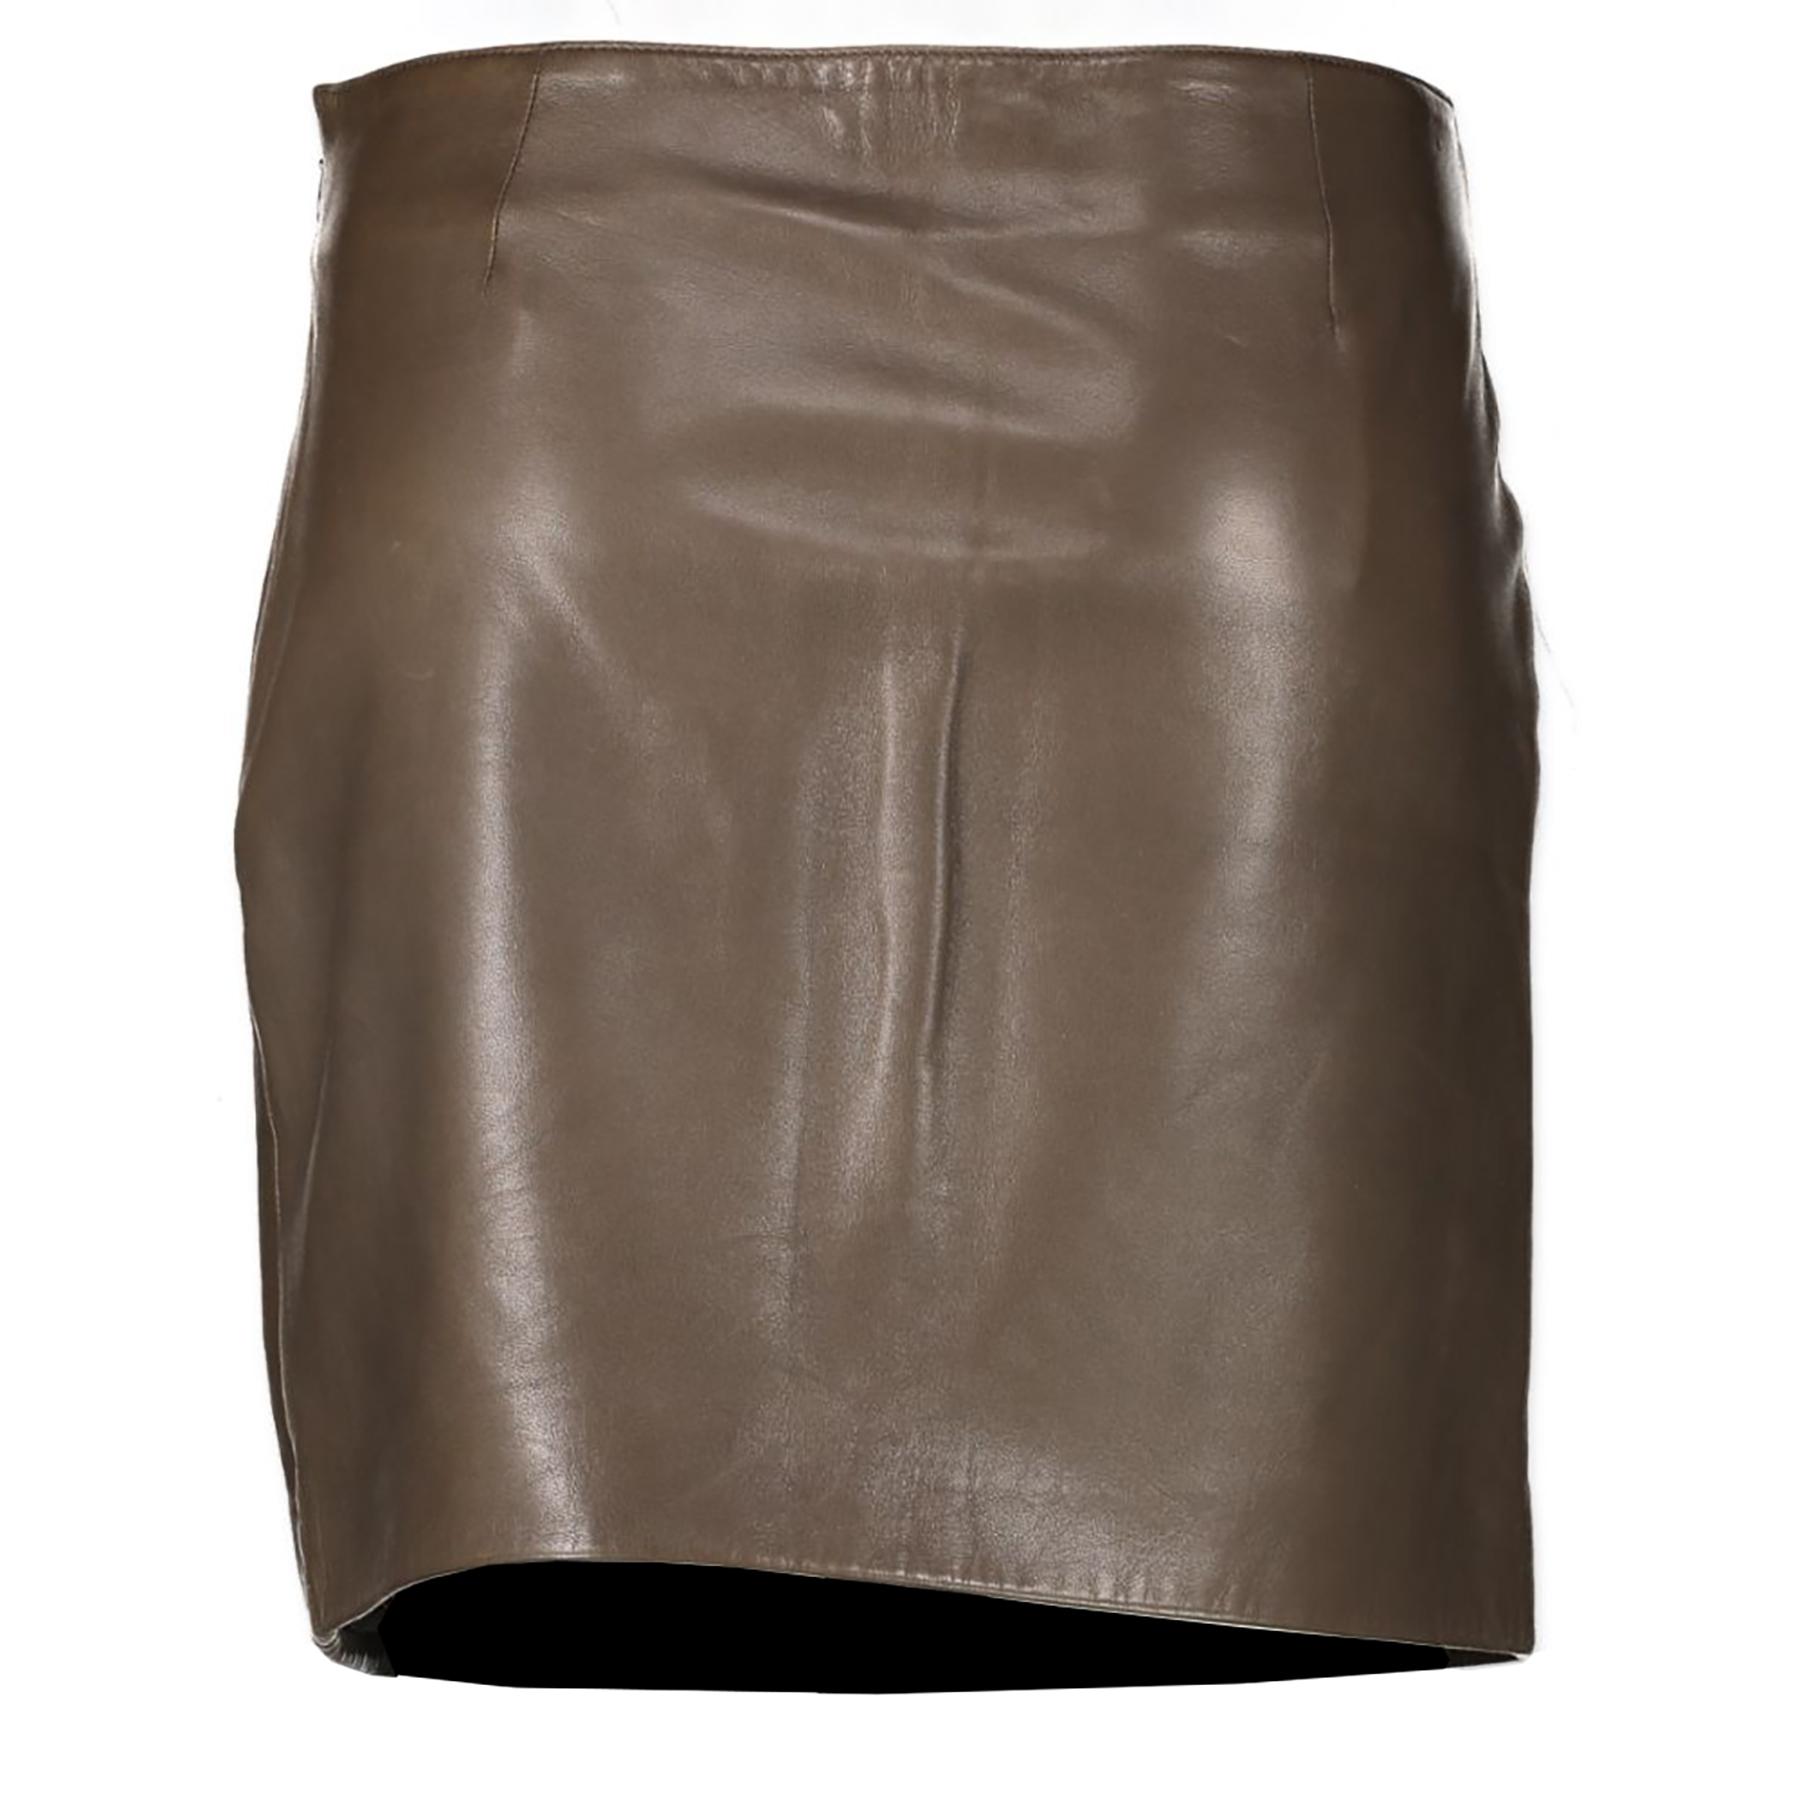 Authentieke Tweedehands Prada Brown Leather Animal Print Skirt - Size 42 juiste prijs veilig online shoppen luxe merken webshop winkelen Antwerpen België mode fashion